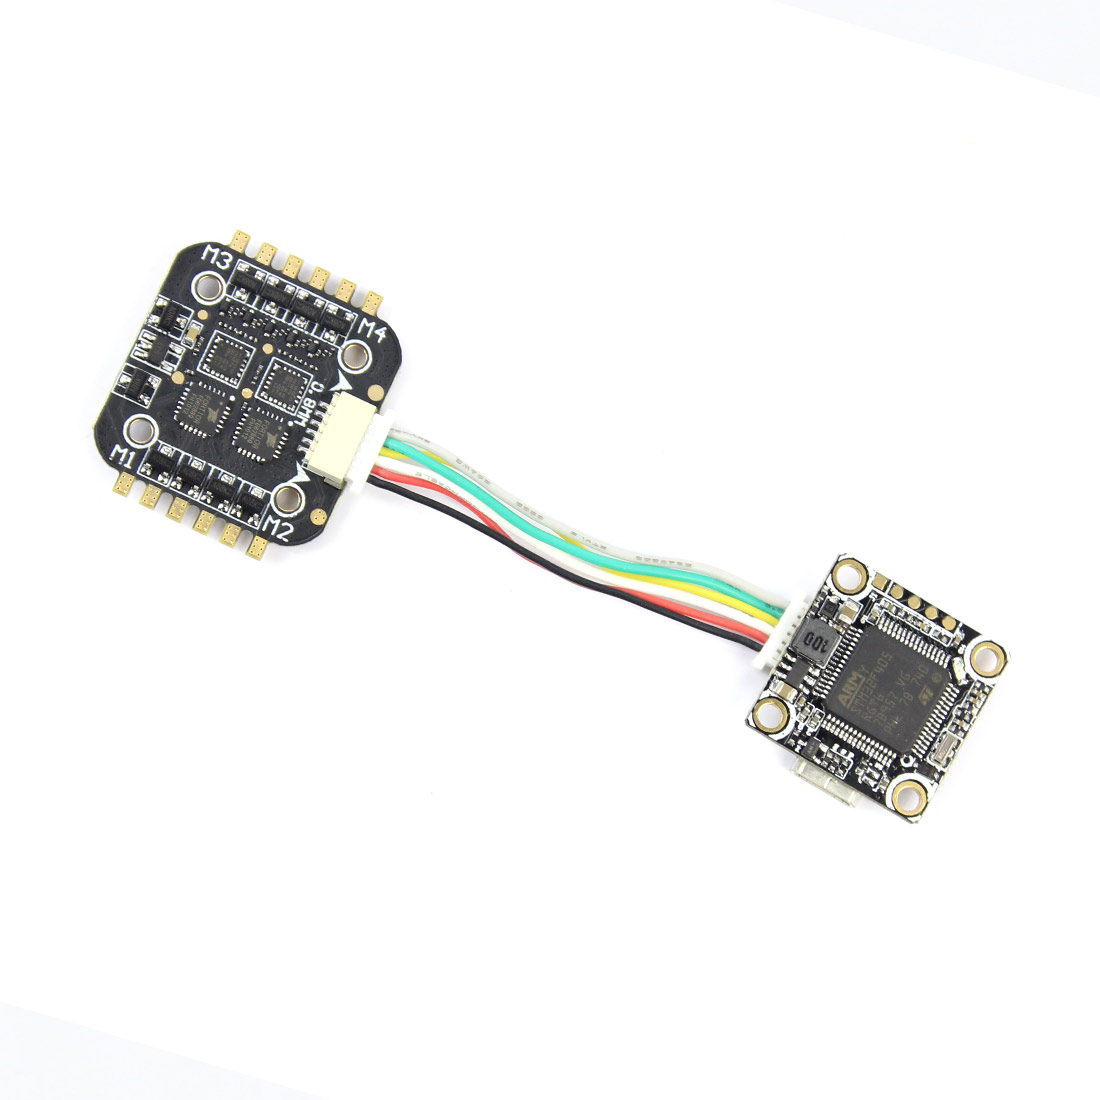 Placa de Controlador de Vôo OSD embutido Betaflight F4 Super_S Blheli_S 4in1 2 S para o Interior Brushless ESC Zangão FPV DIY Corrida f21370